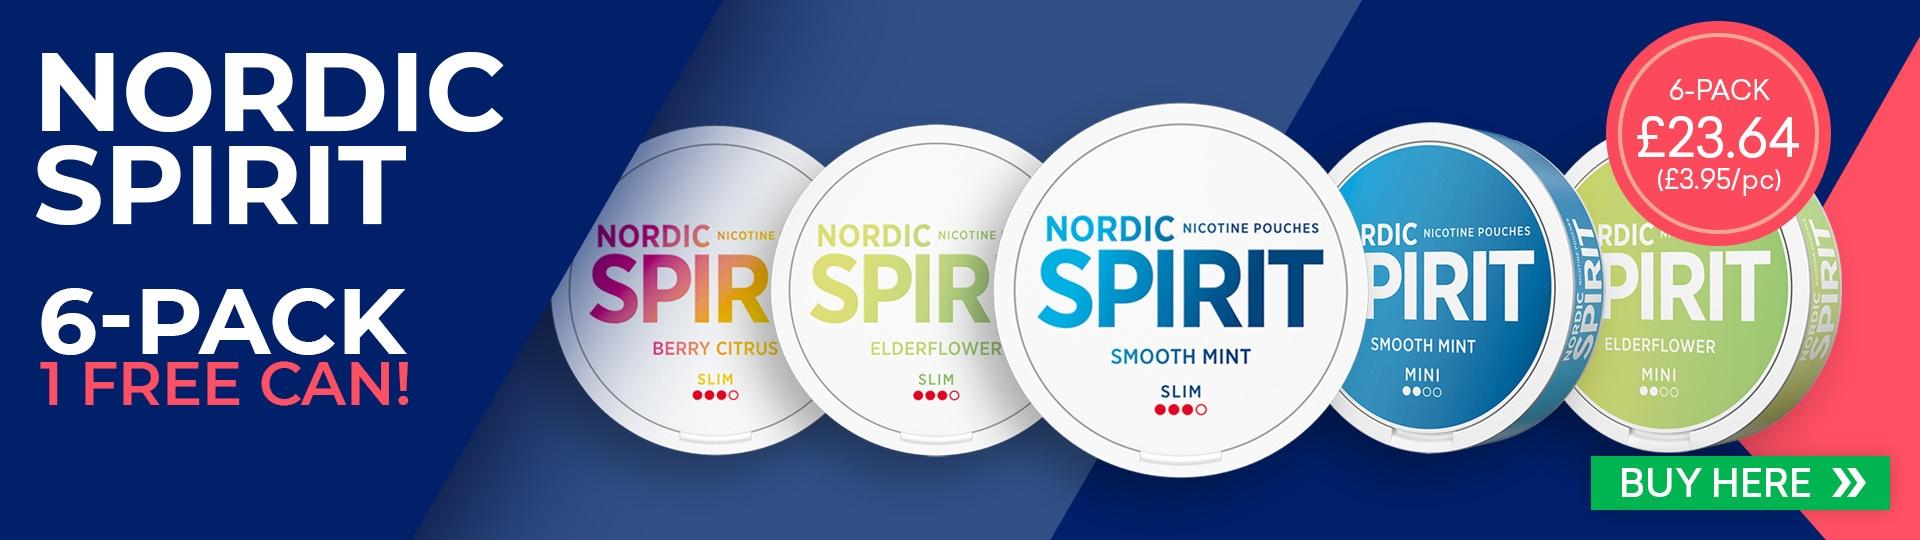 Nordic Spirit 6-pack